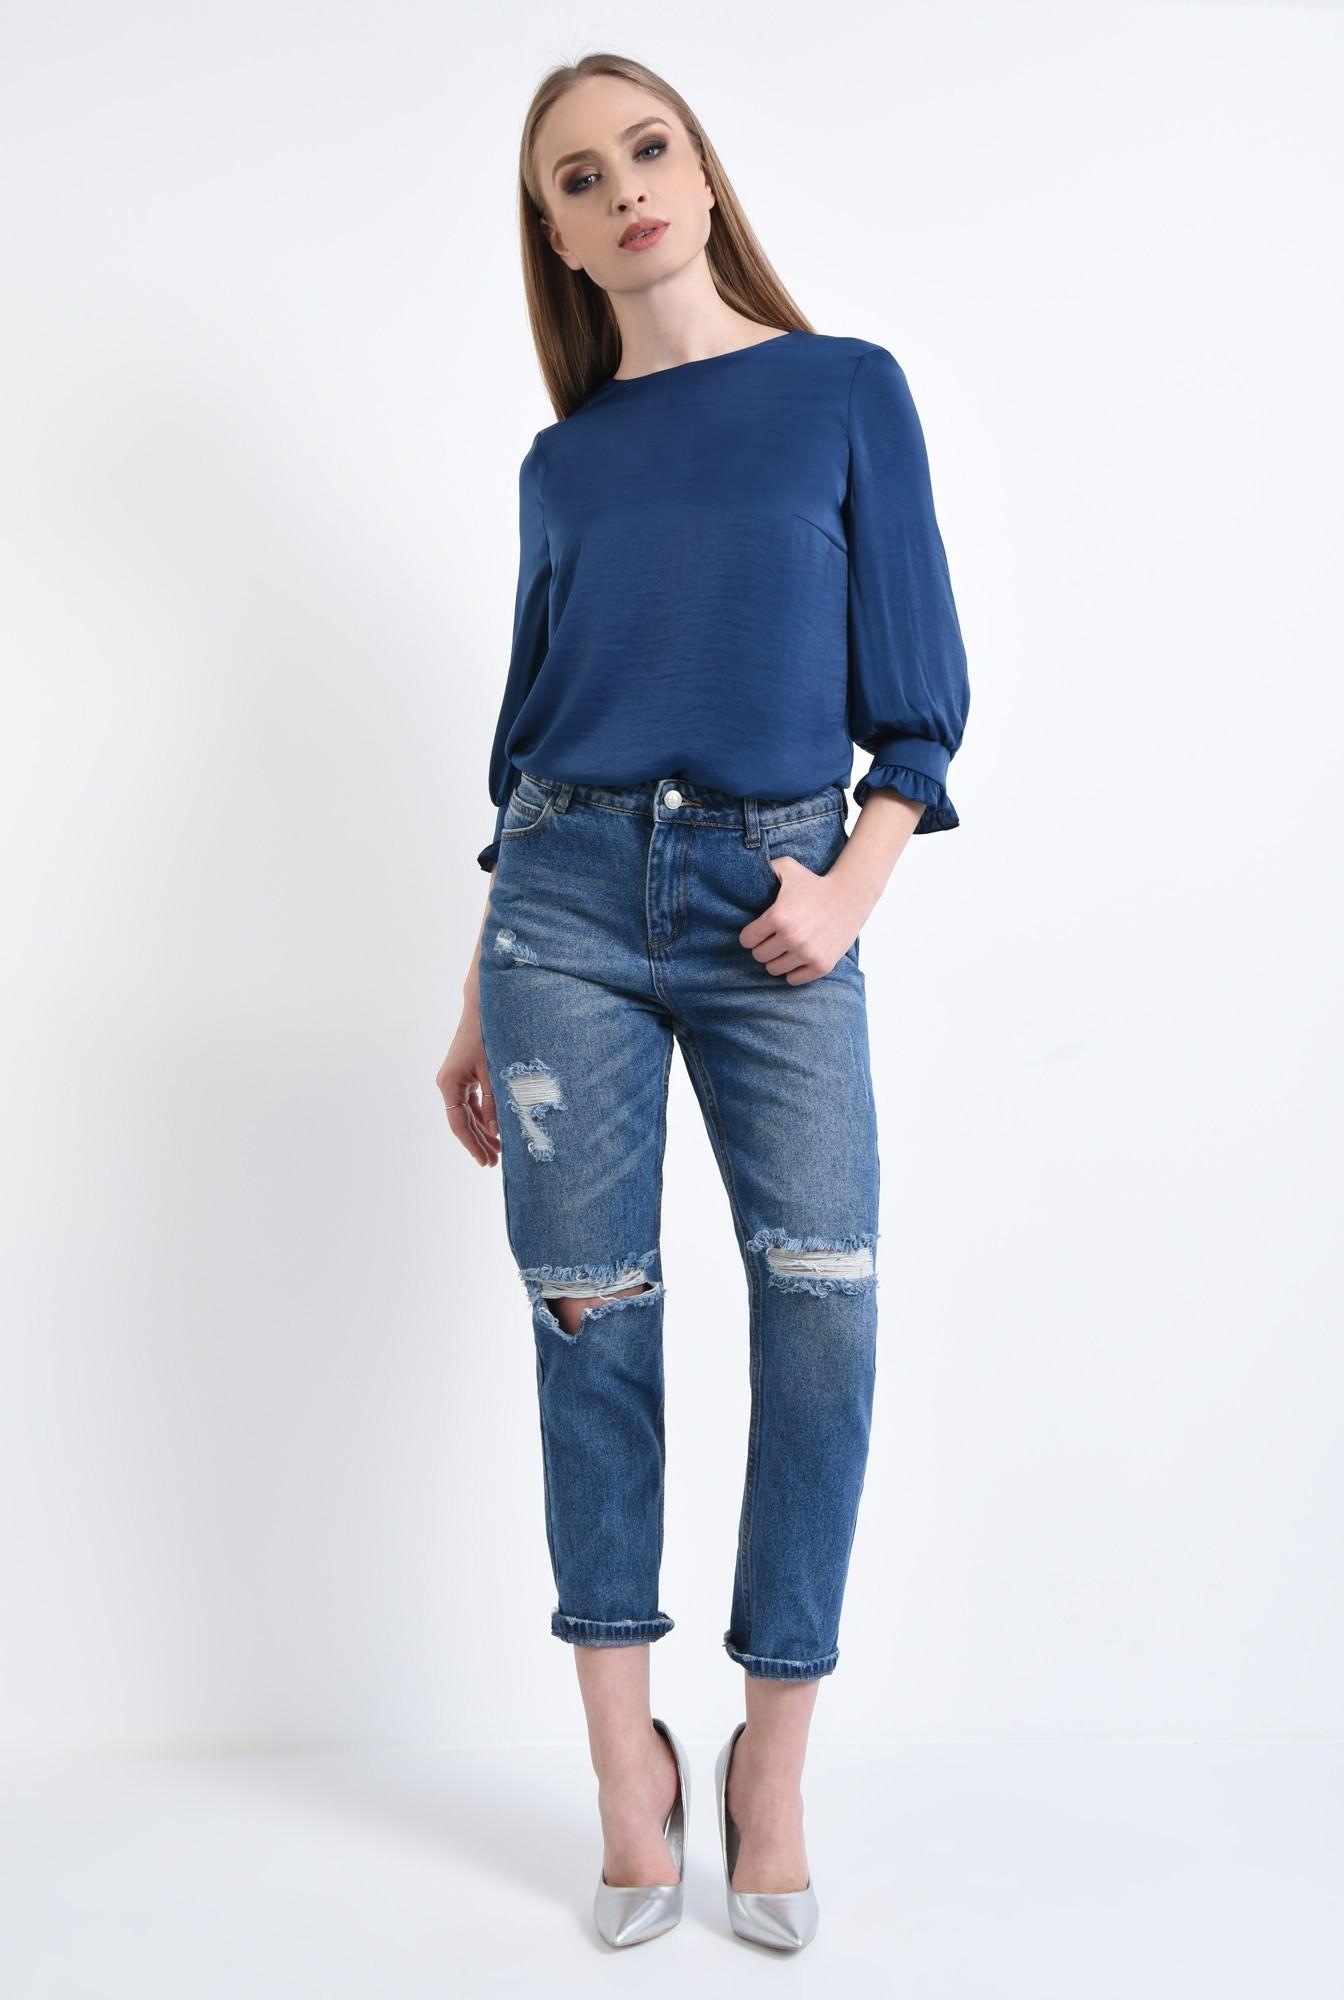 3 - Bluza casual, bleumarin, maneci bufante